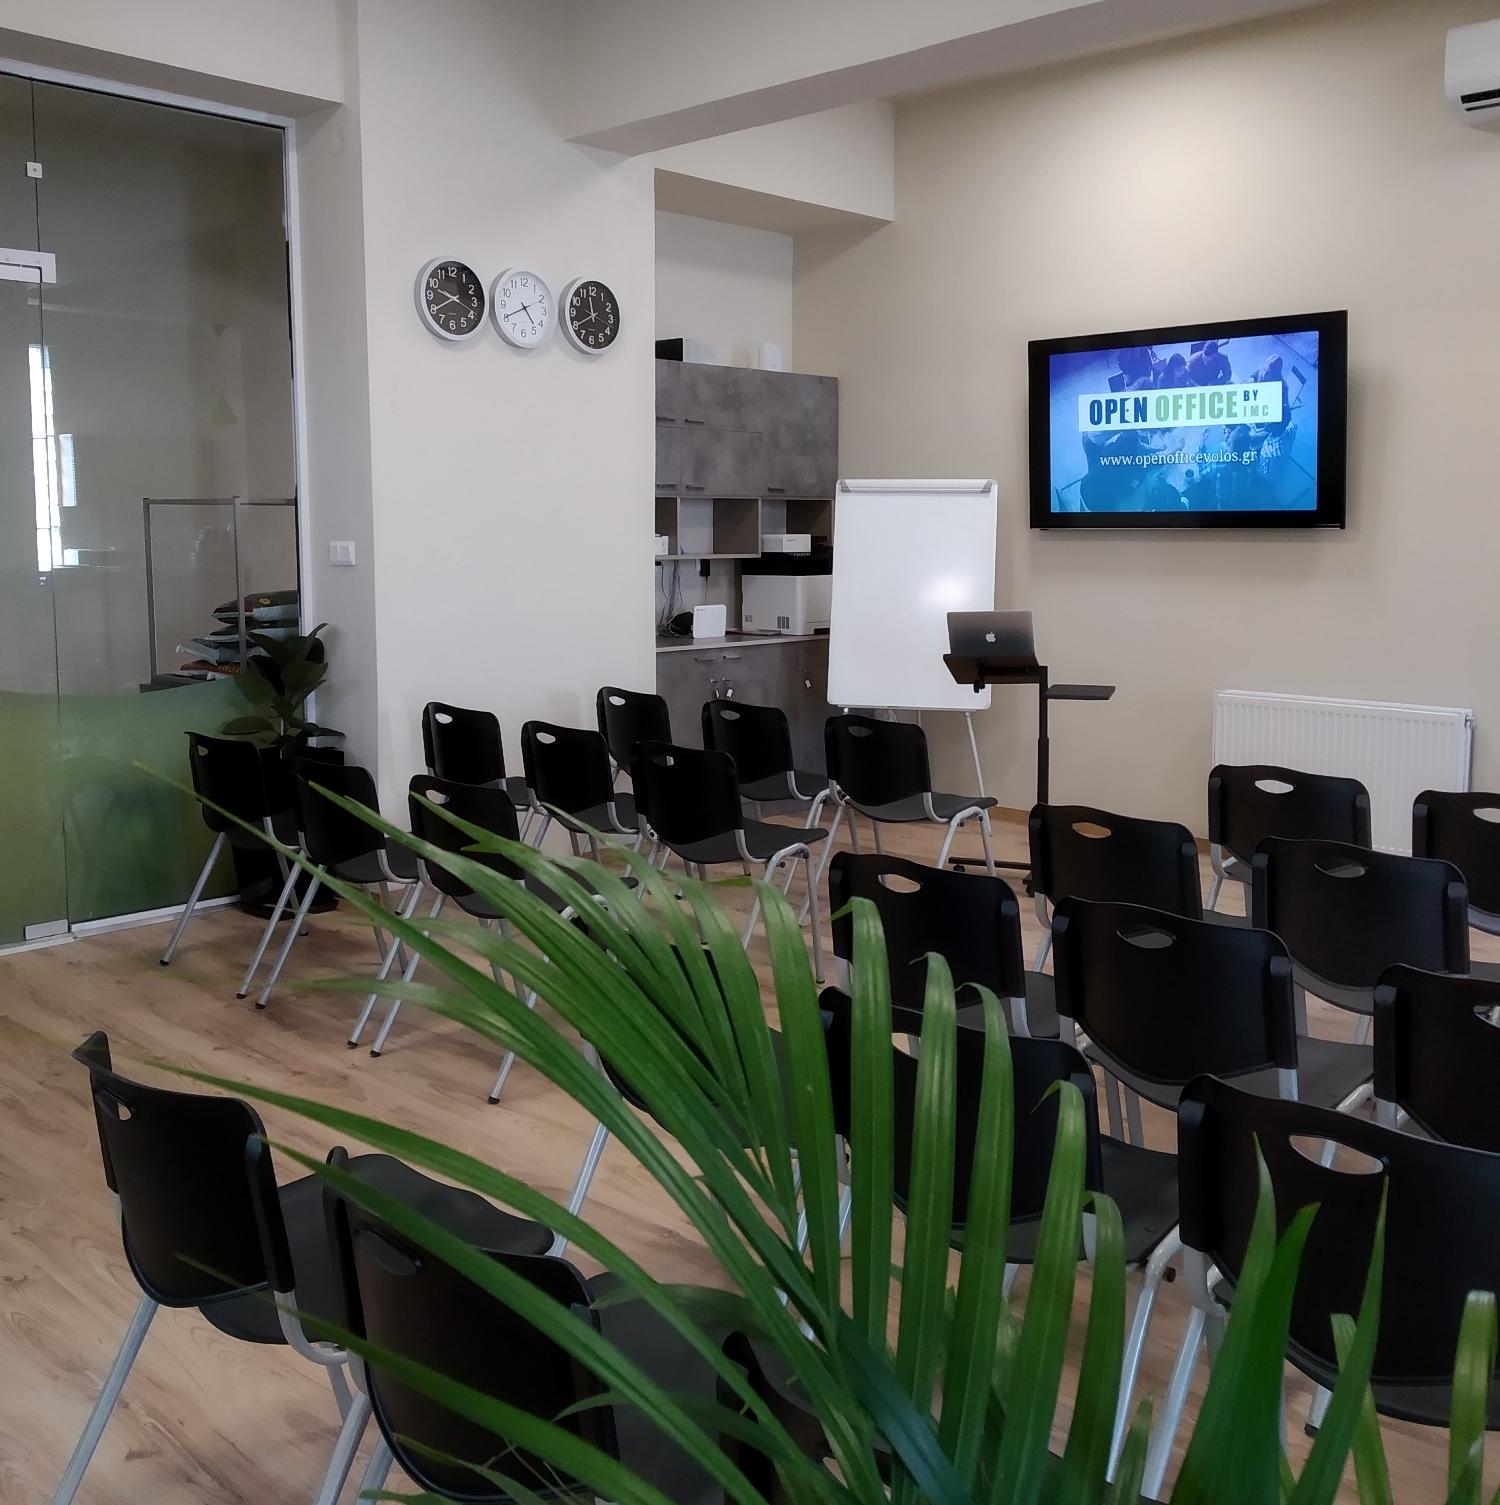 OPEN OFFICE VOLOS, Volos